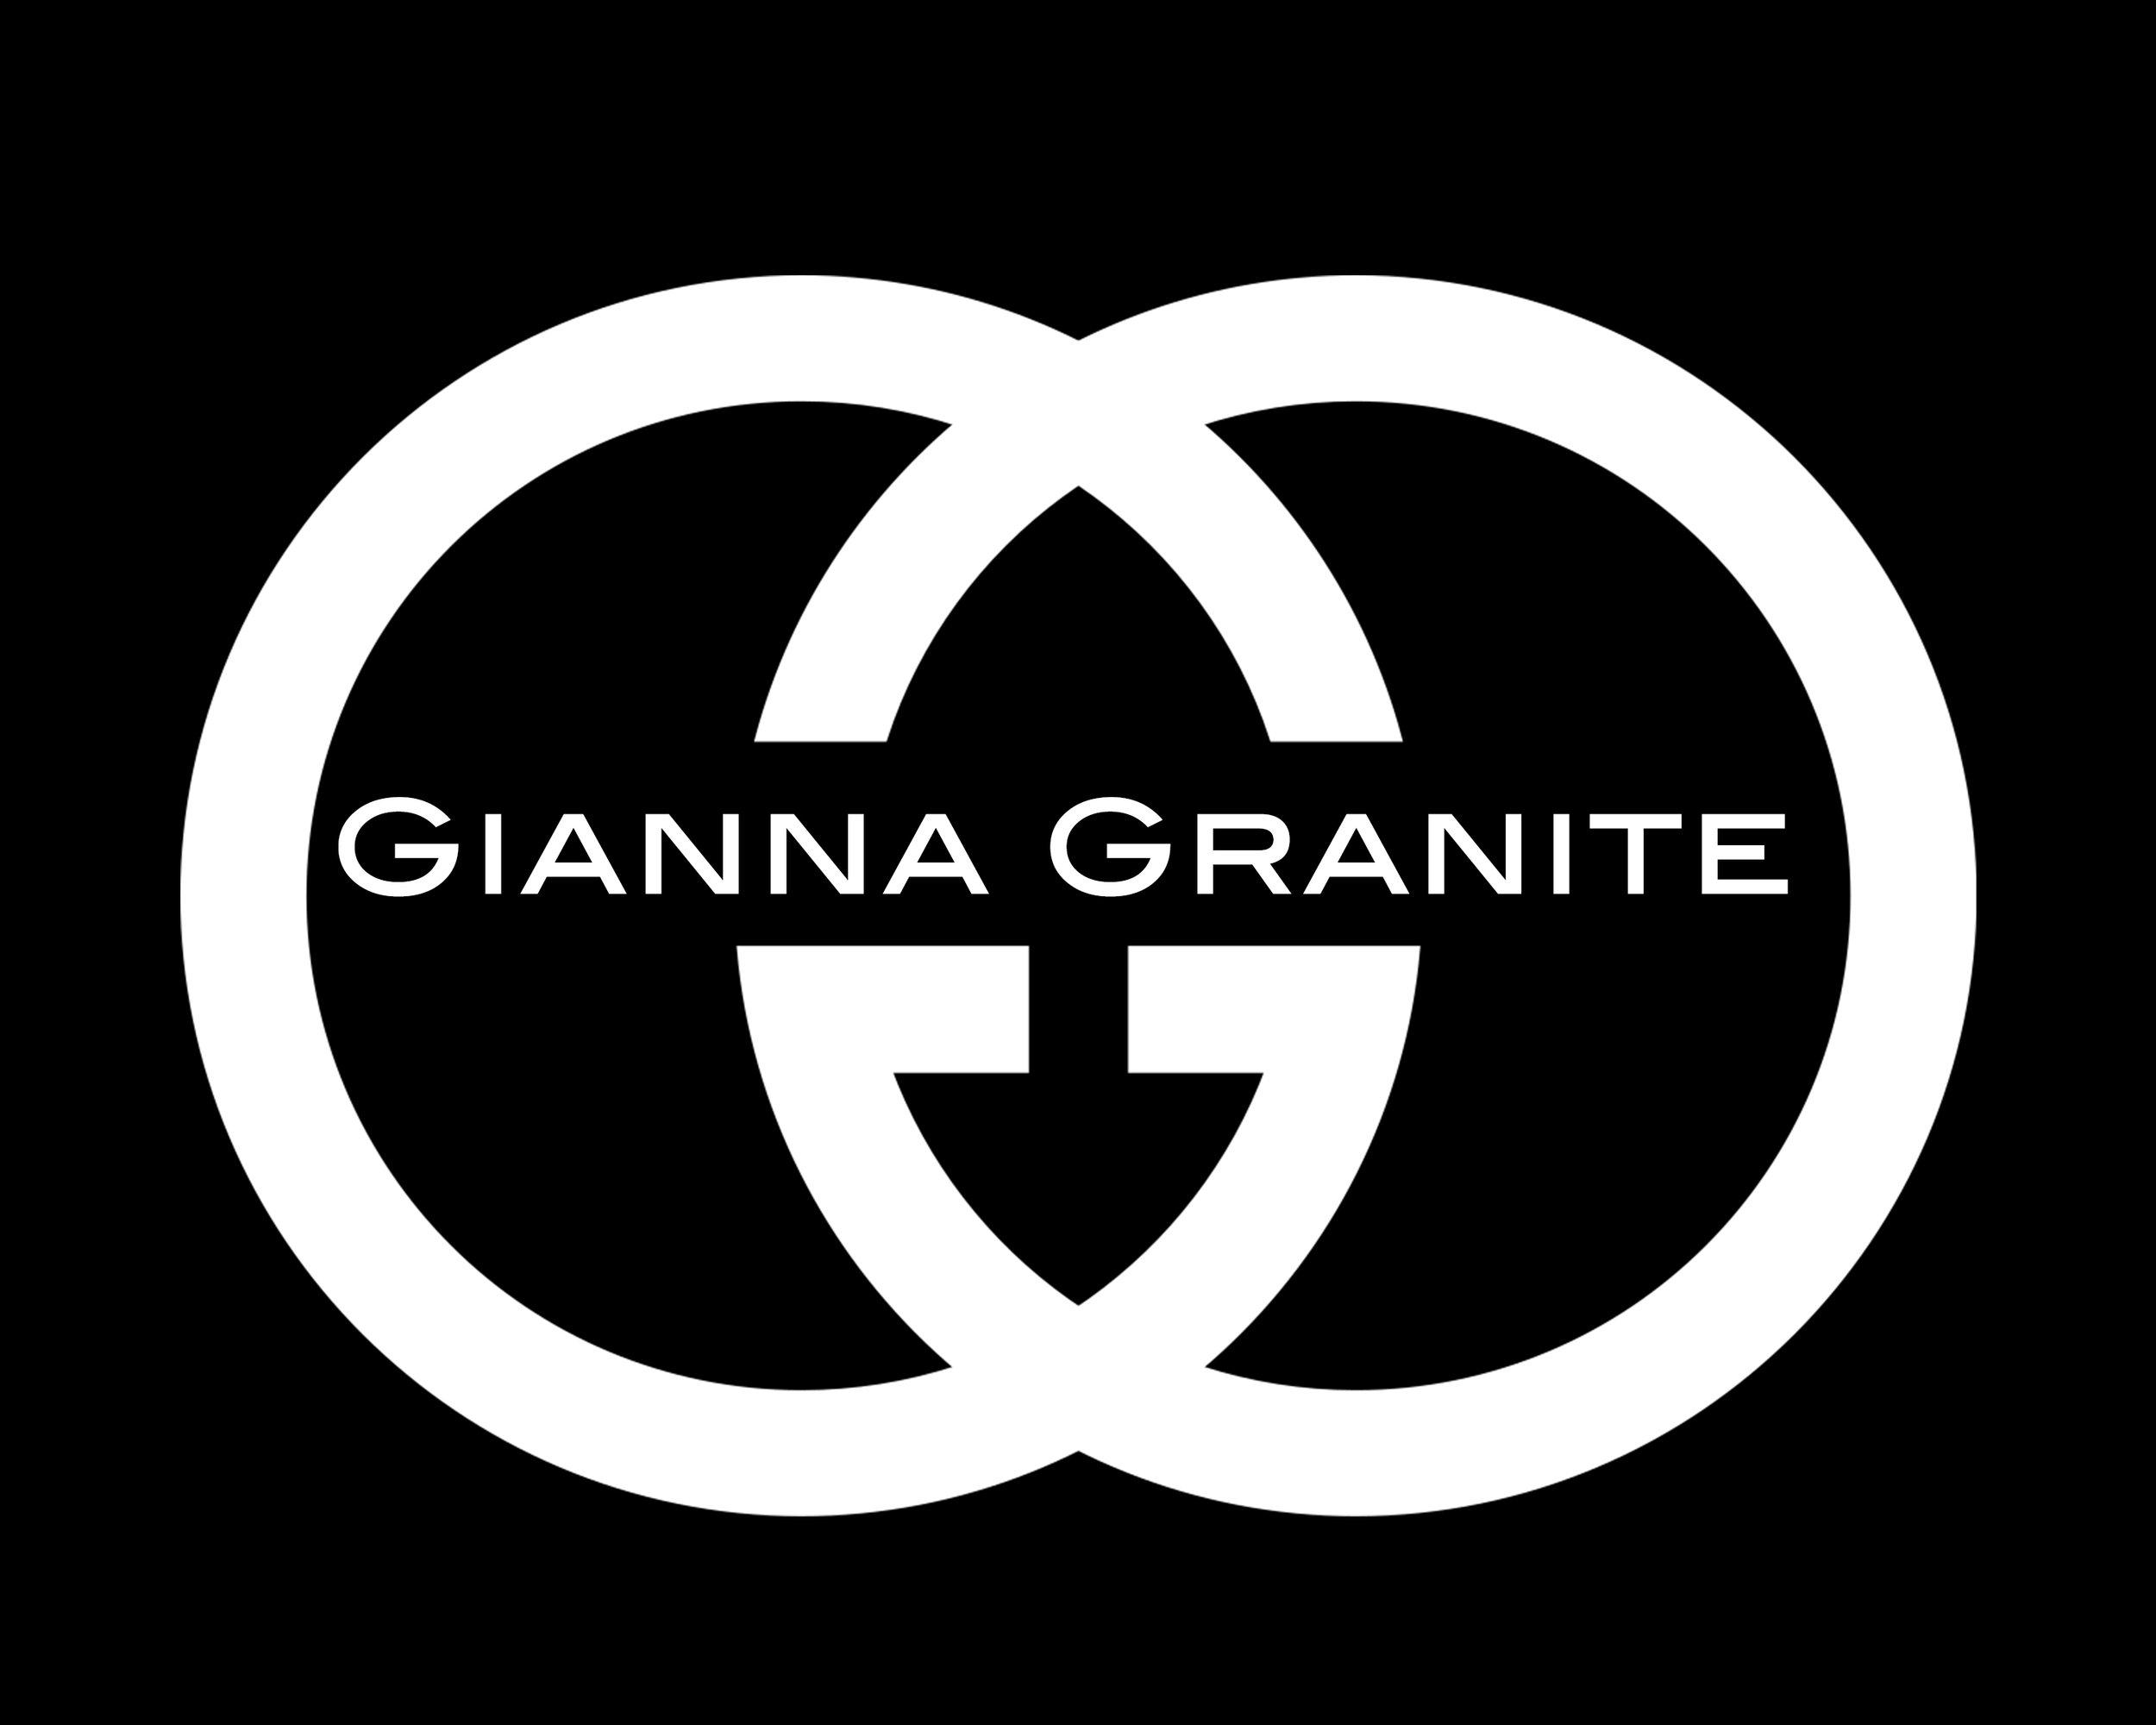 Gianna Projector.jpg